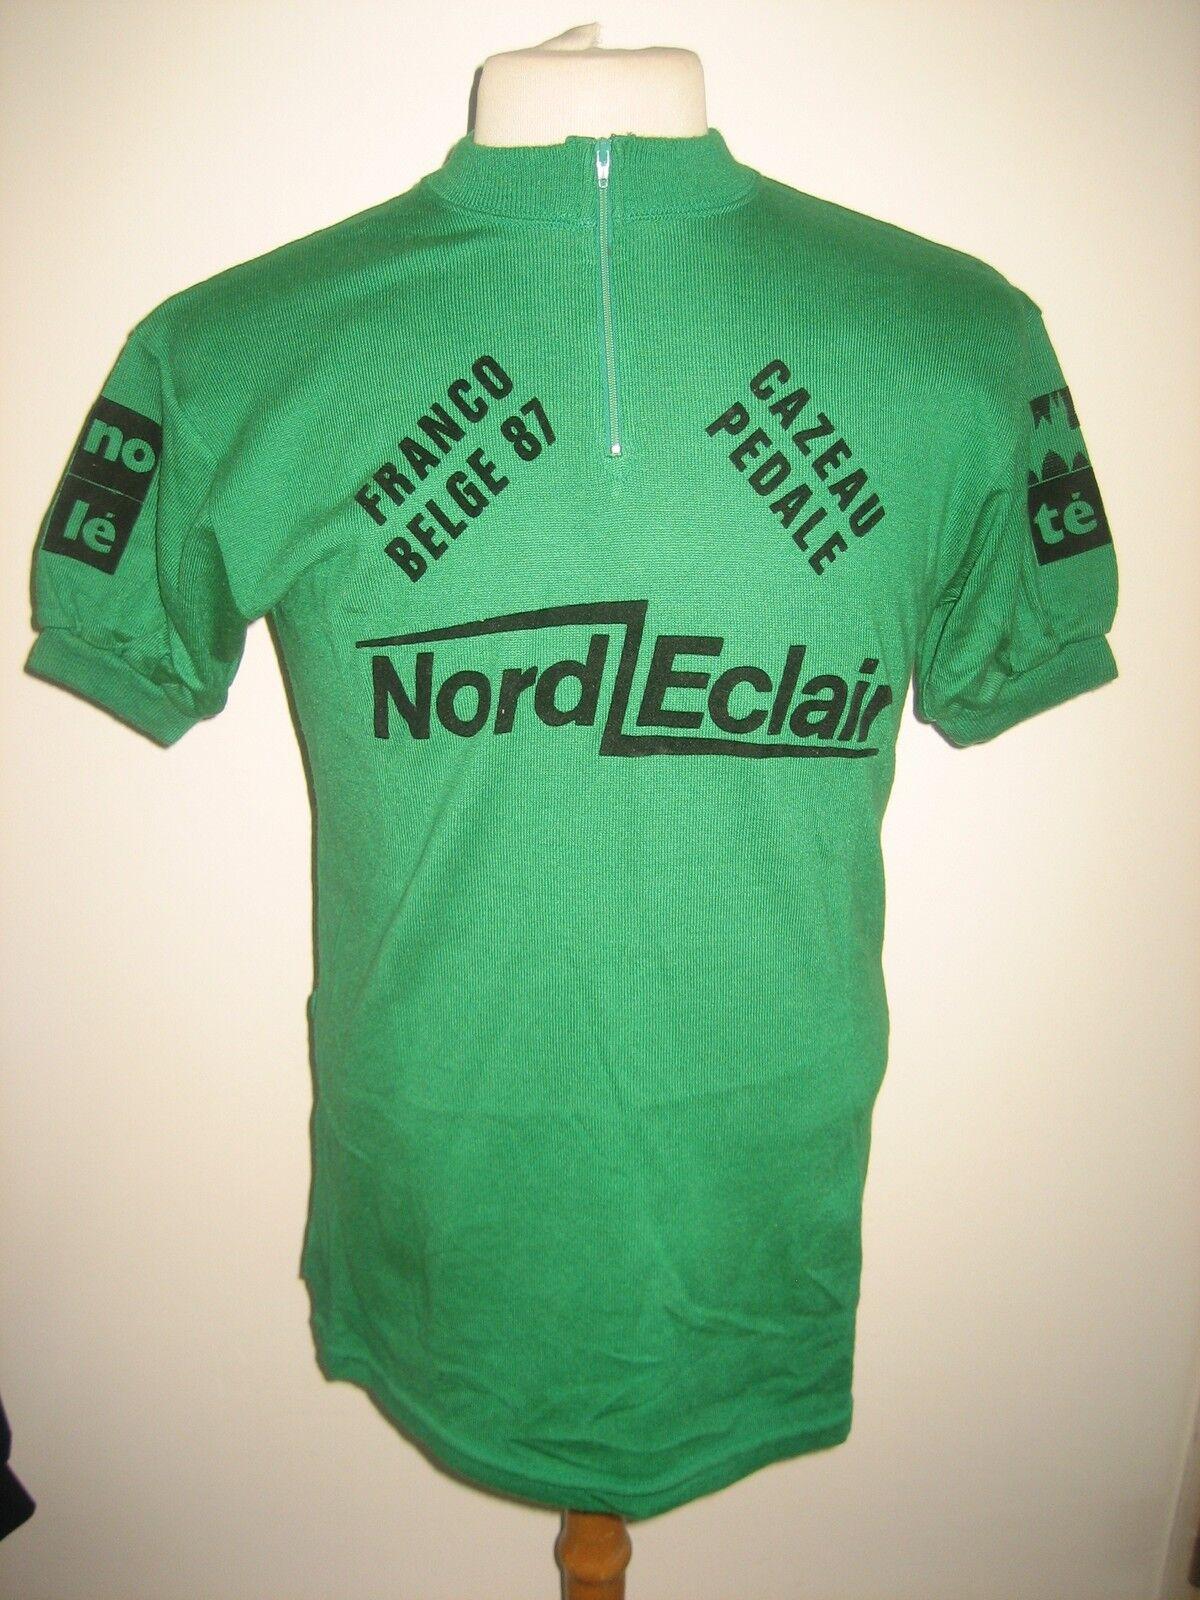 Circuit Franco-Belge worn by SCHURER jersey shirt Radfahren wielrennen Größe XL